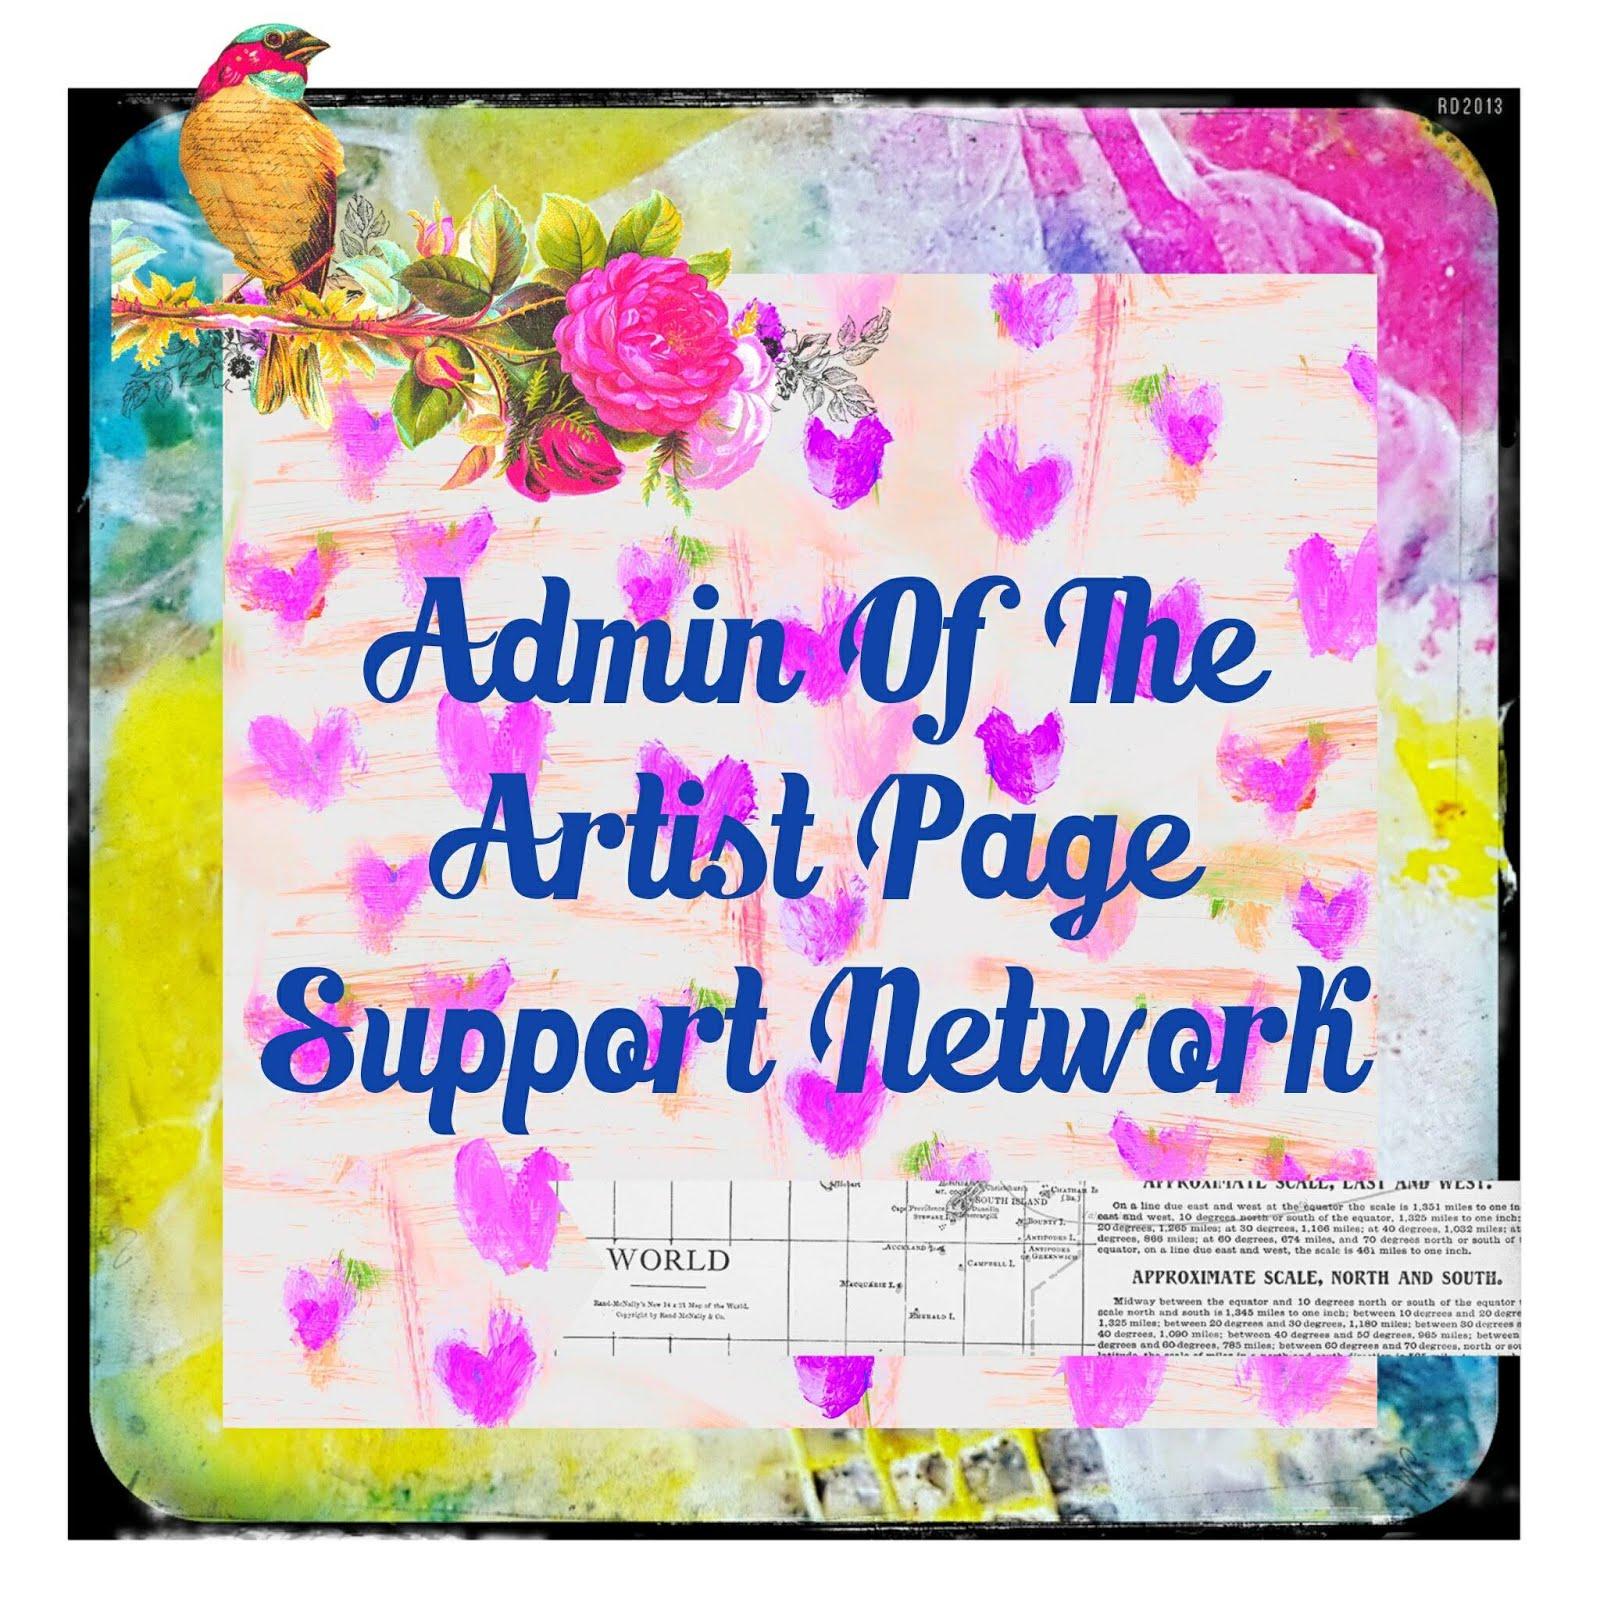 Admin of